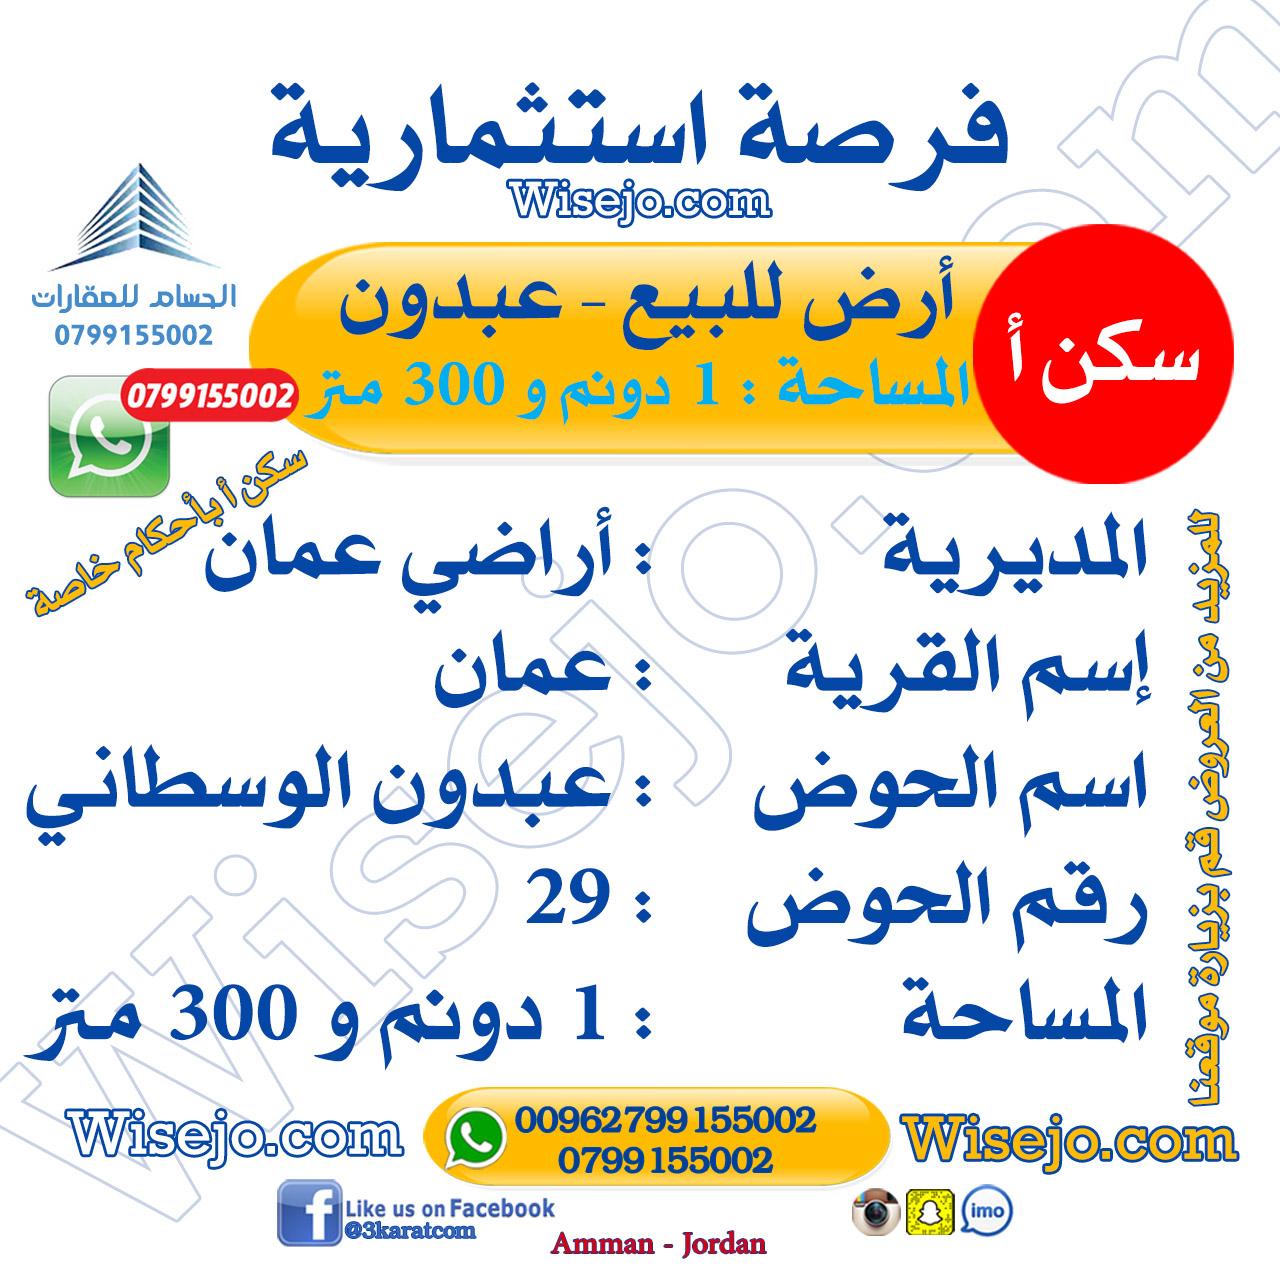 فرصة استثمارية – أرض للبيع – عبدون